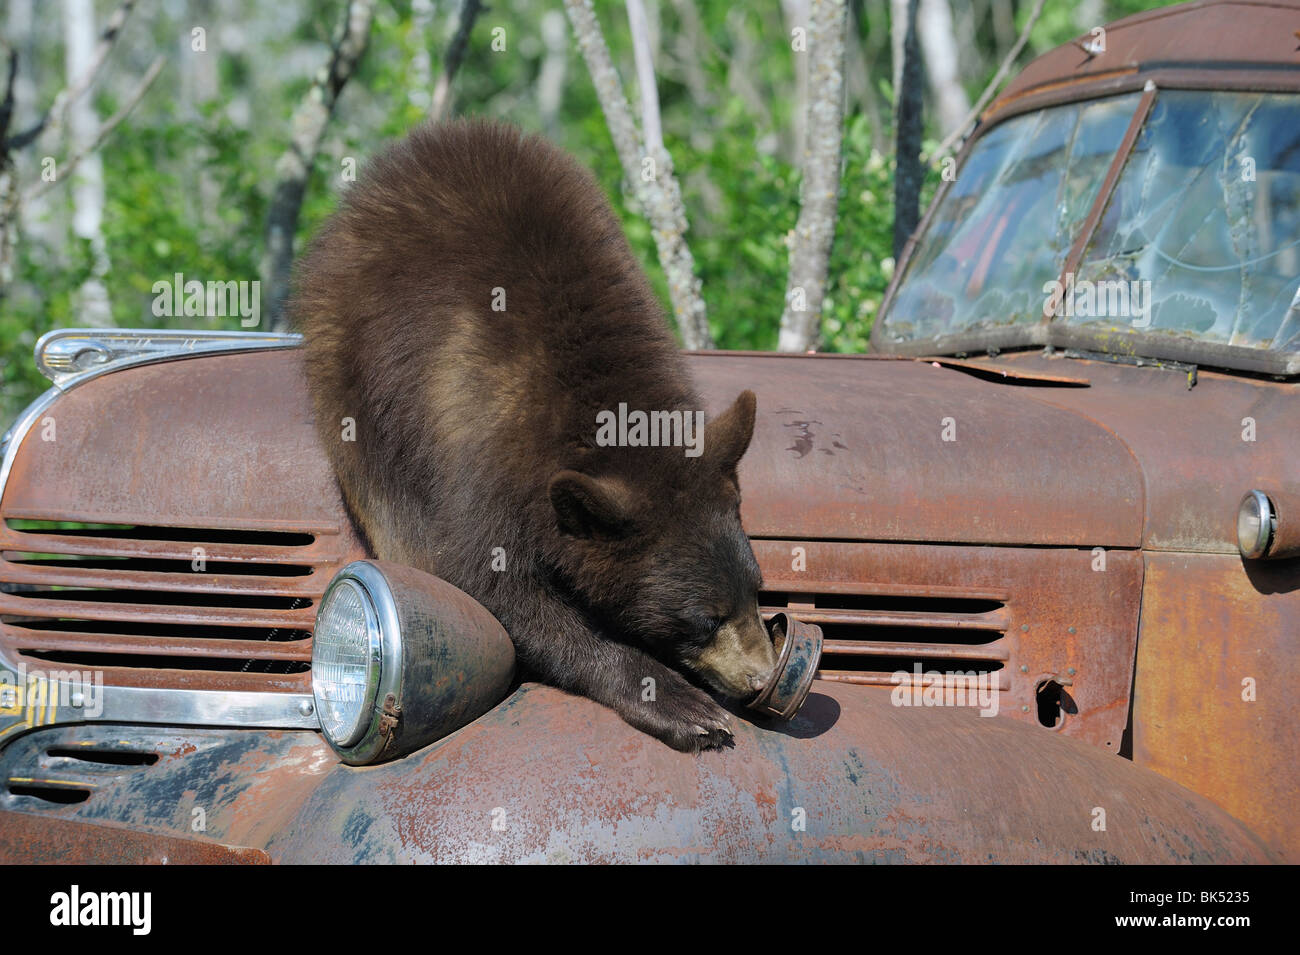 Oso negro sobre camión oxidado, Minnesota, EE.UU. Foto de stock